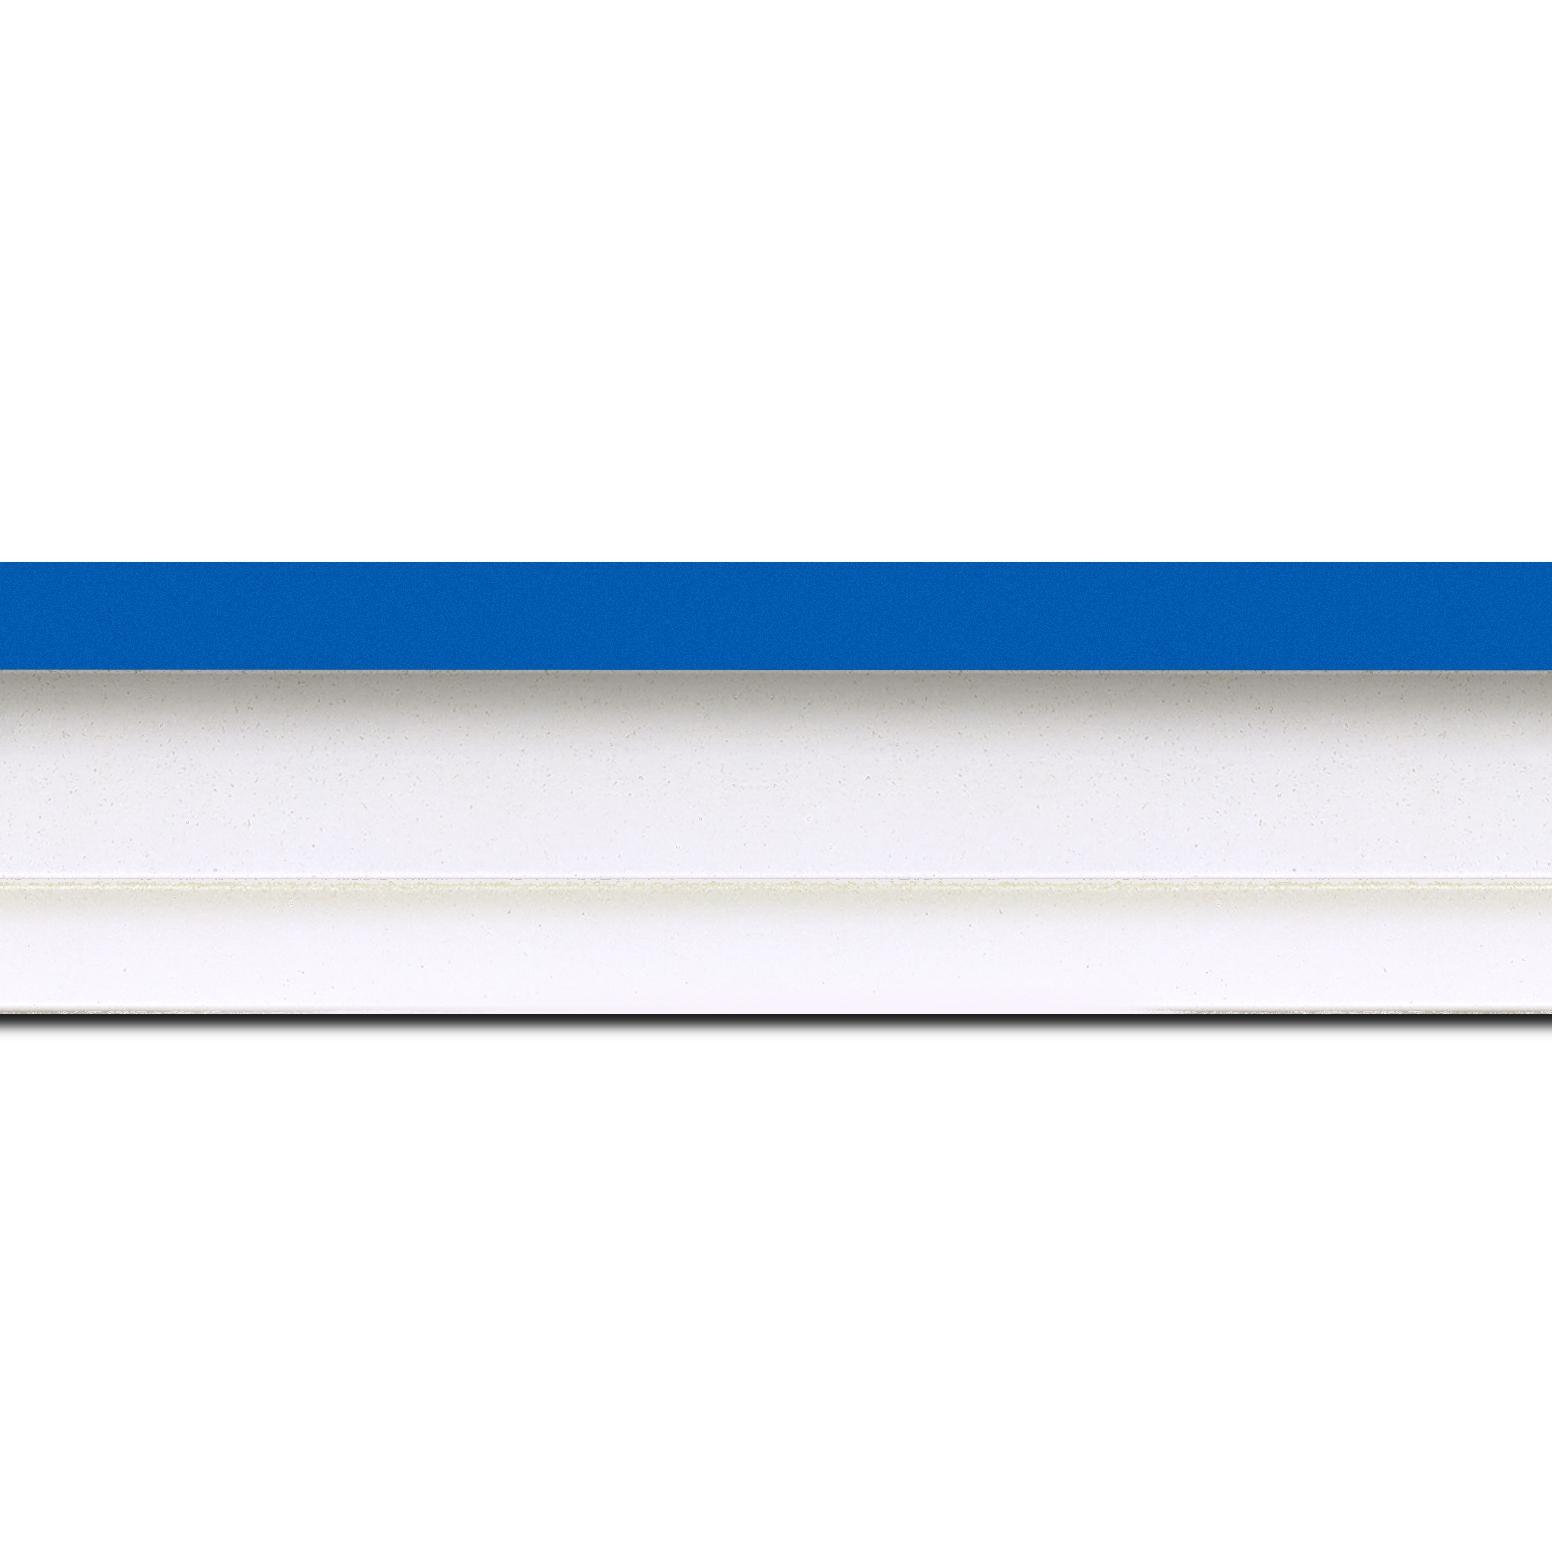 Baguette longueur 1.40m bois caisse américaine profil escalier largeur 4.5cm blanc mat filet bleu (spécialement conçu pour les châssis d'une épaisseur jusqu'à 2.5cm )